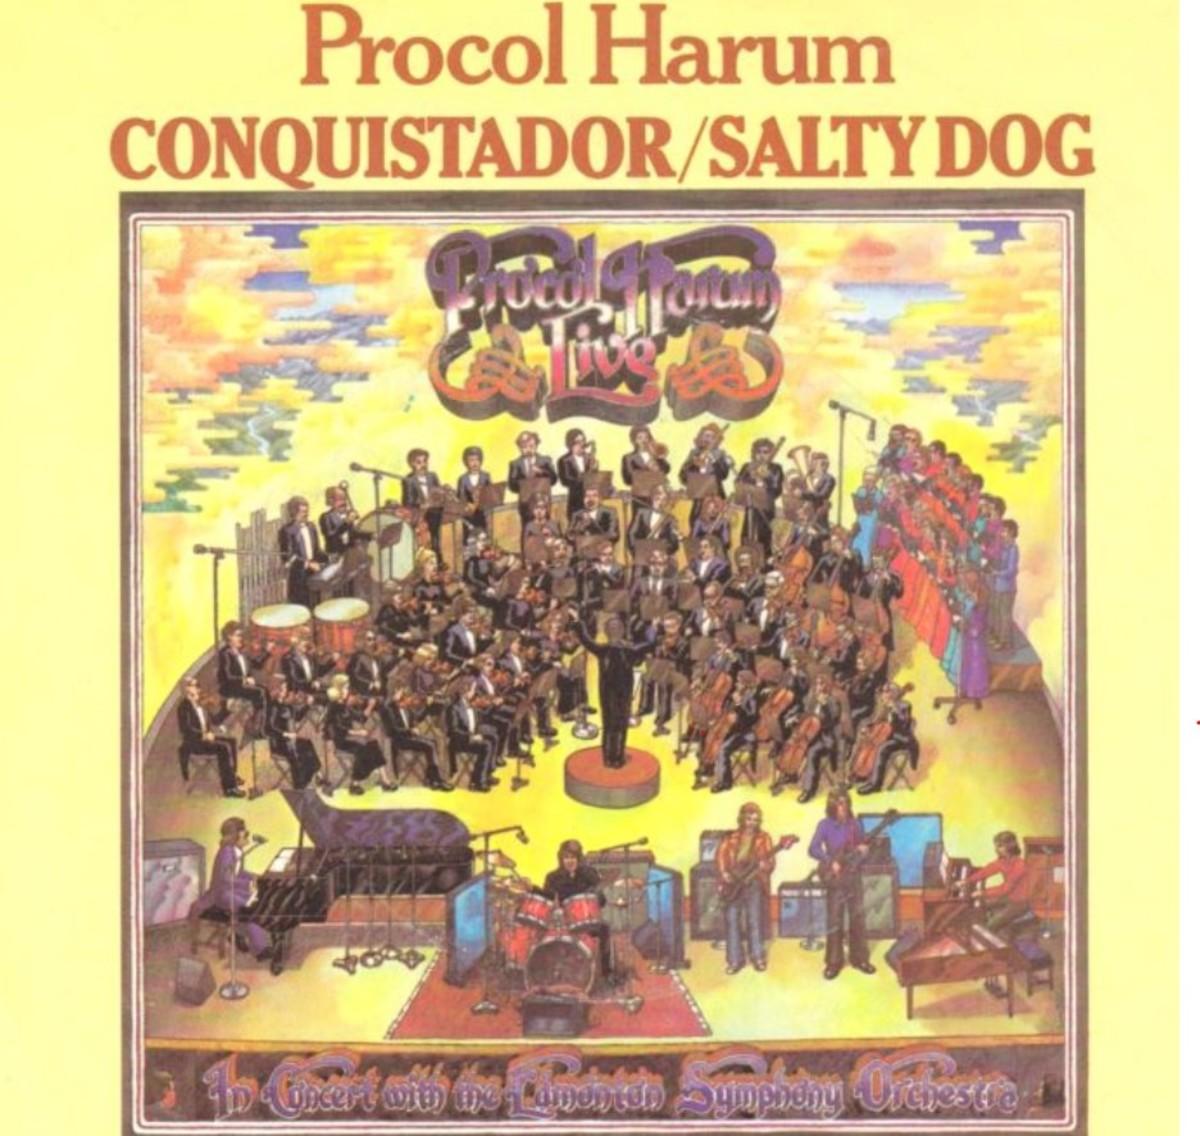 Choir Procol